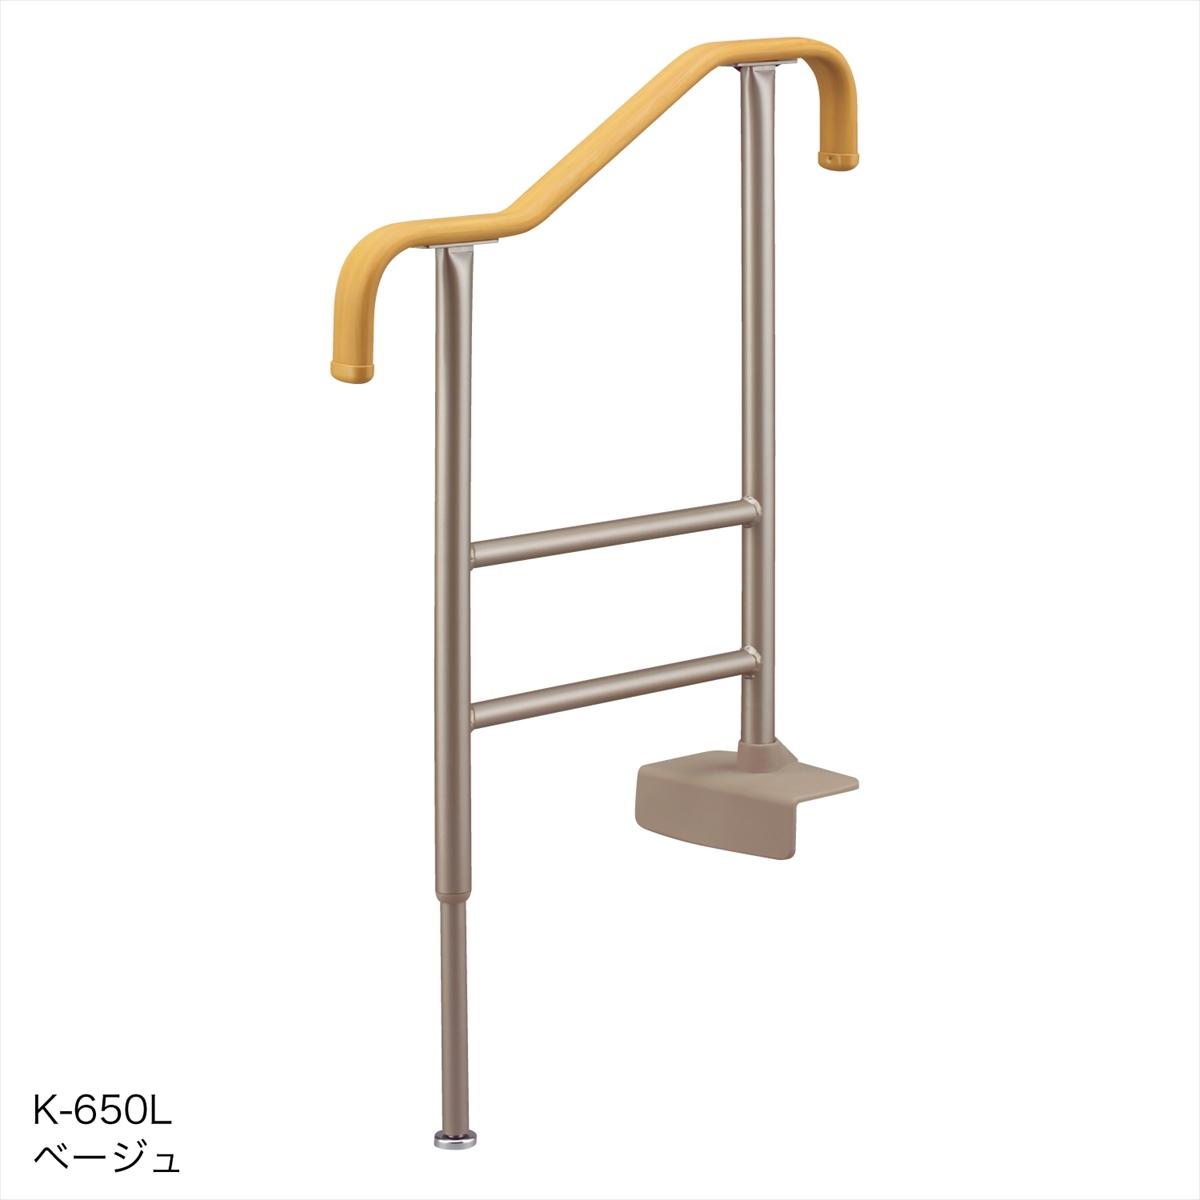 [アロン化成]安寿 上がりかまち用手すり L型固定板 K-650L 531-002